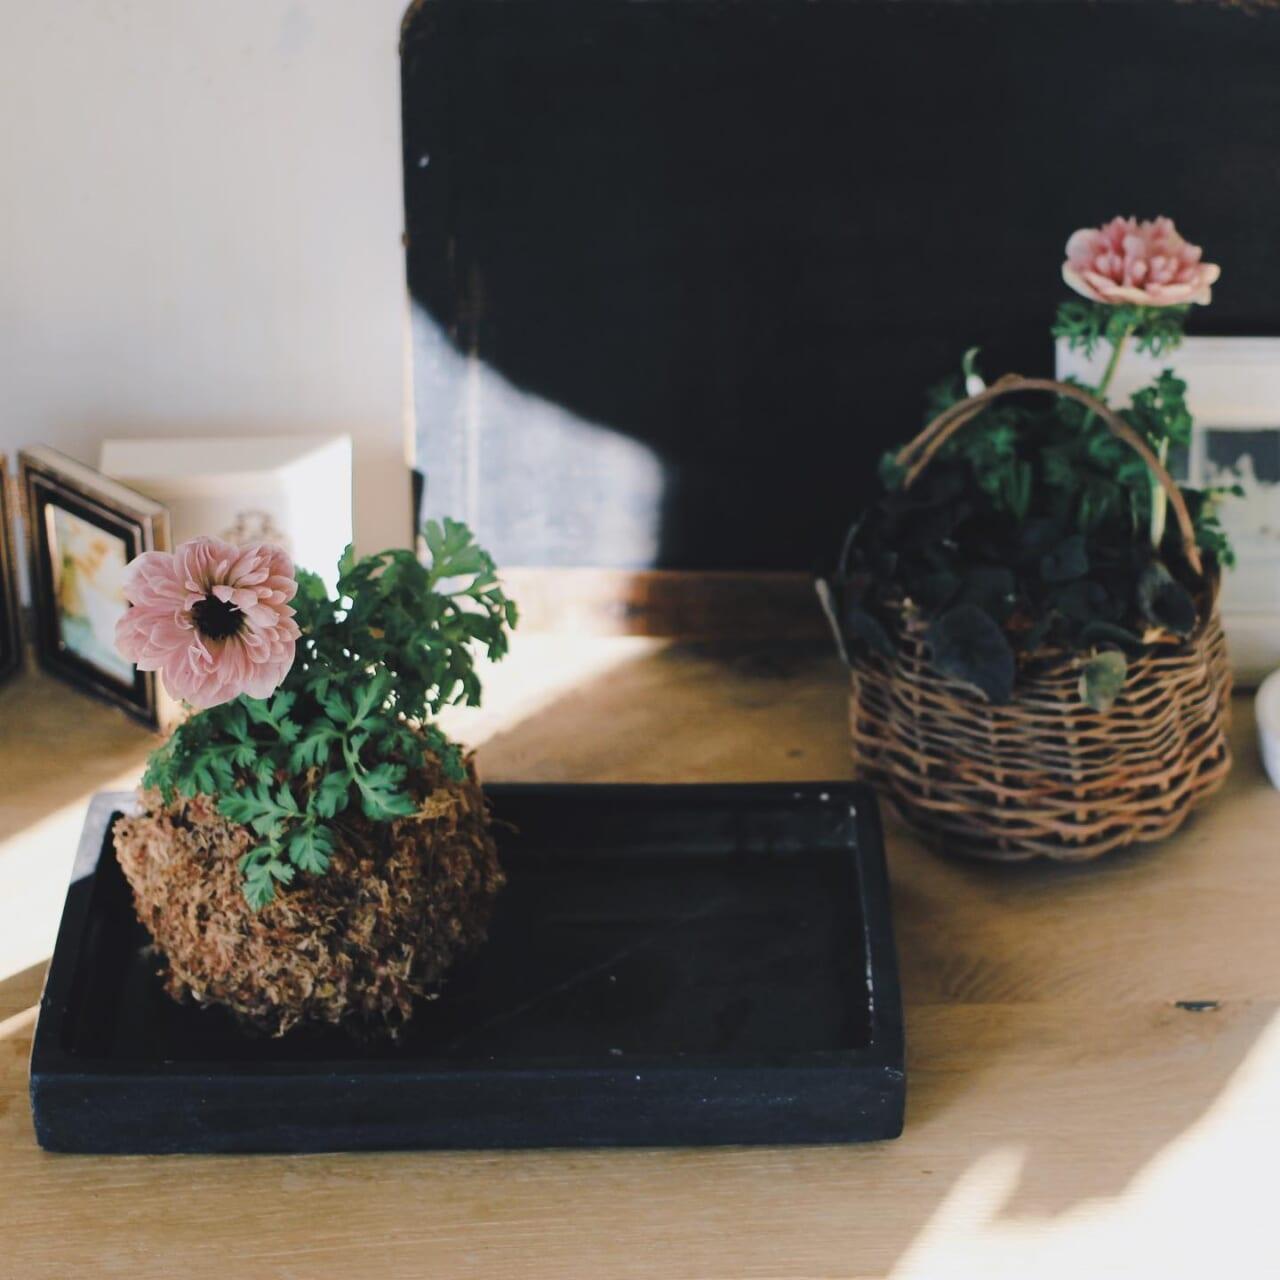 アン・アリスは苔玉にしました︎水苔の苔玉です。初めてアン・アリスを迎えてみると苗は少し弱さを感じました。(一緒に販売されていた苗みんなそんな感じが…お店によっても違うかもしれません)根っこに一番近い下葉のあたりに多少グラつきがあったり葉が少し弱いかな?と苔玉にして、補強した感じです。せまい中に、ムスカリも入れてみましたさてさて、どうなるか︎ちなみに右隣の籠のは同じアネモネの ぽると という品種です。咲くと見分けがつかないくらいそっくり!ぽるとのほうが、苗としてしっかりした感じがありました。ぽるとも人気ですよね︎苔玉にして数日たちましたがいまのところ活き活きしています#アネモネ#アネモネアンアリス #苔玉#苔玉作り→youtubeのカーメン君も解説してましたよー︎#カーメン君#籠#かご編み 🧺#春の花#ガーデニング#ベランダガーデニング#趣味の園芸#園芸#園芸部 #花のある暮らし #花が好き #植物のある暮らし #植物のある生活 #植物がないと生きていけない 2021.02.02 動物病院の待合室よりノ..●︎